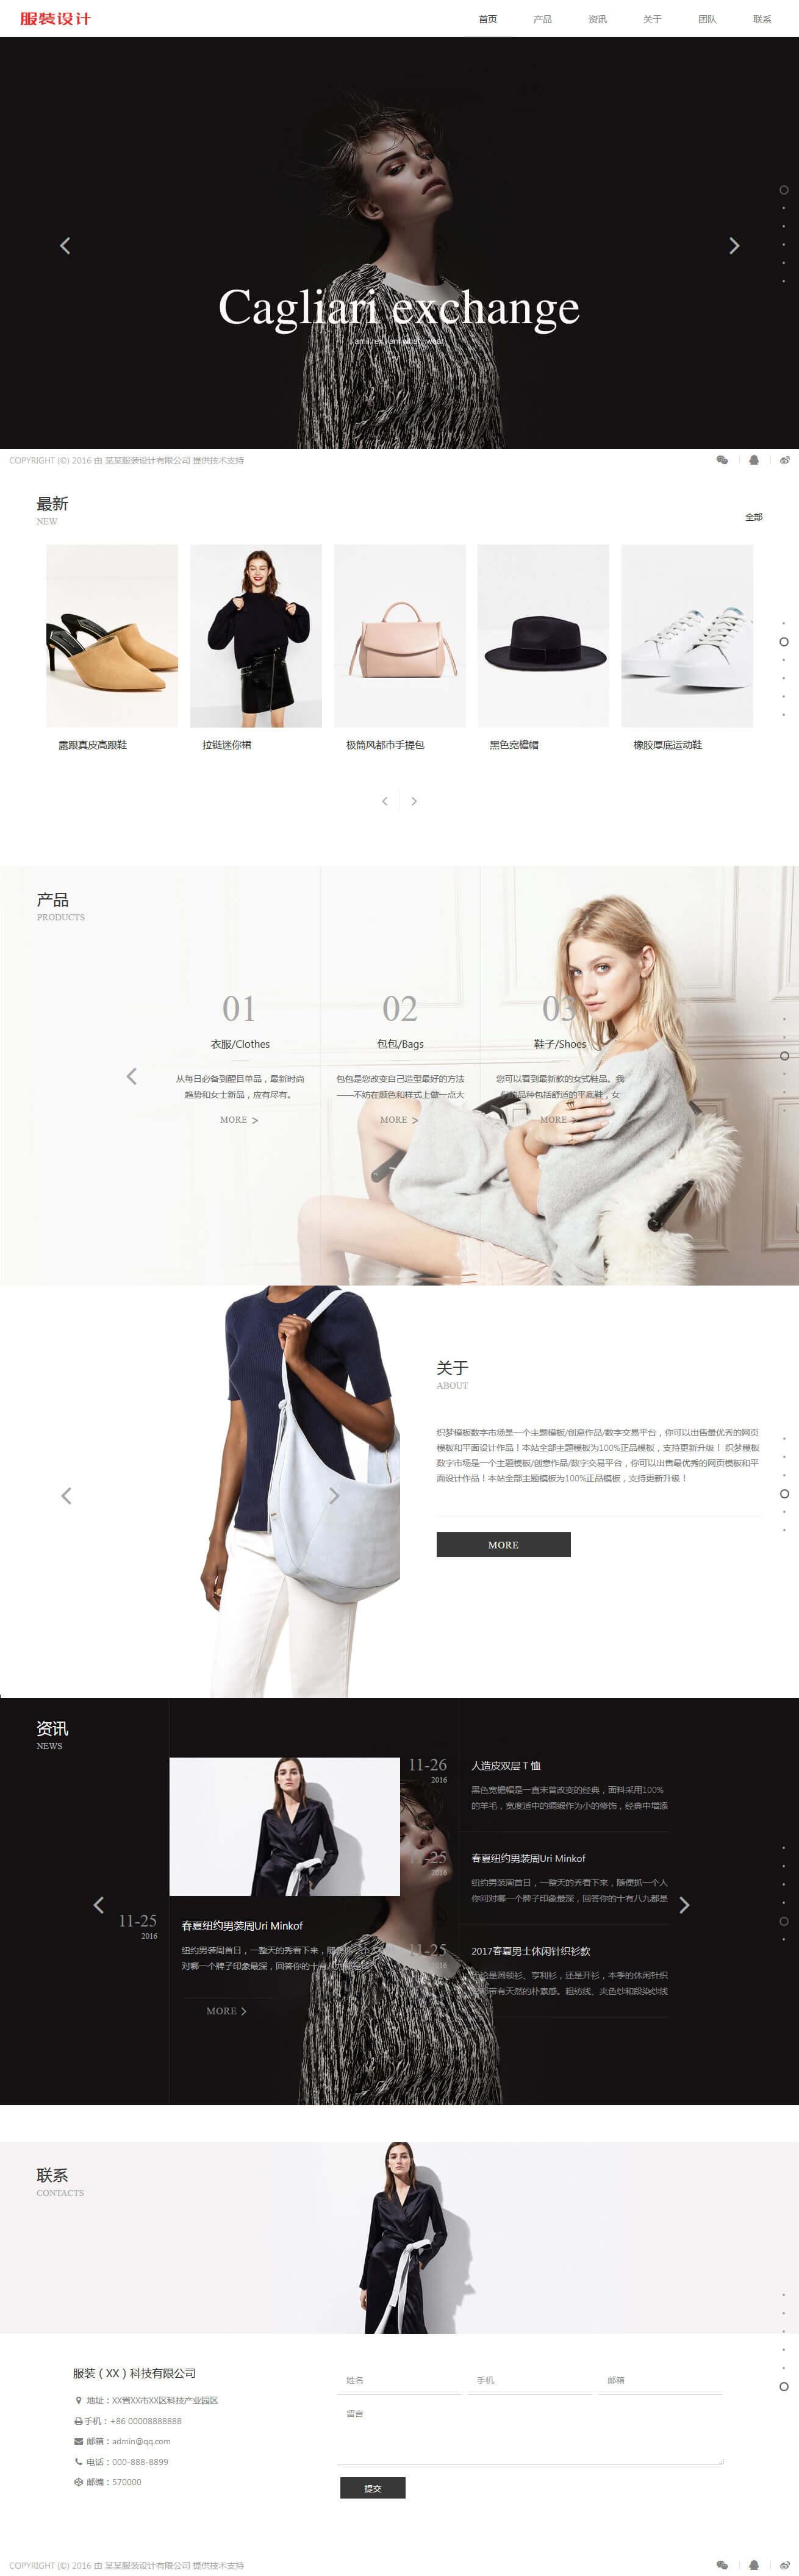 服饰,摄影,外贸,通用创意滚屏设计类整站模板